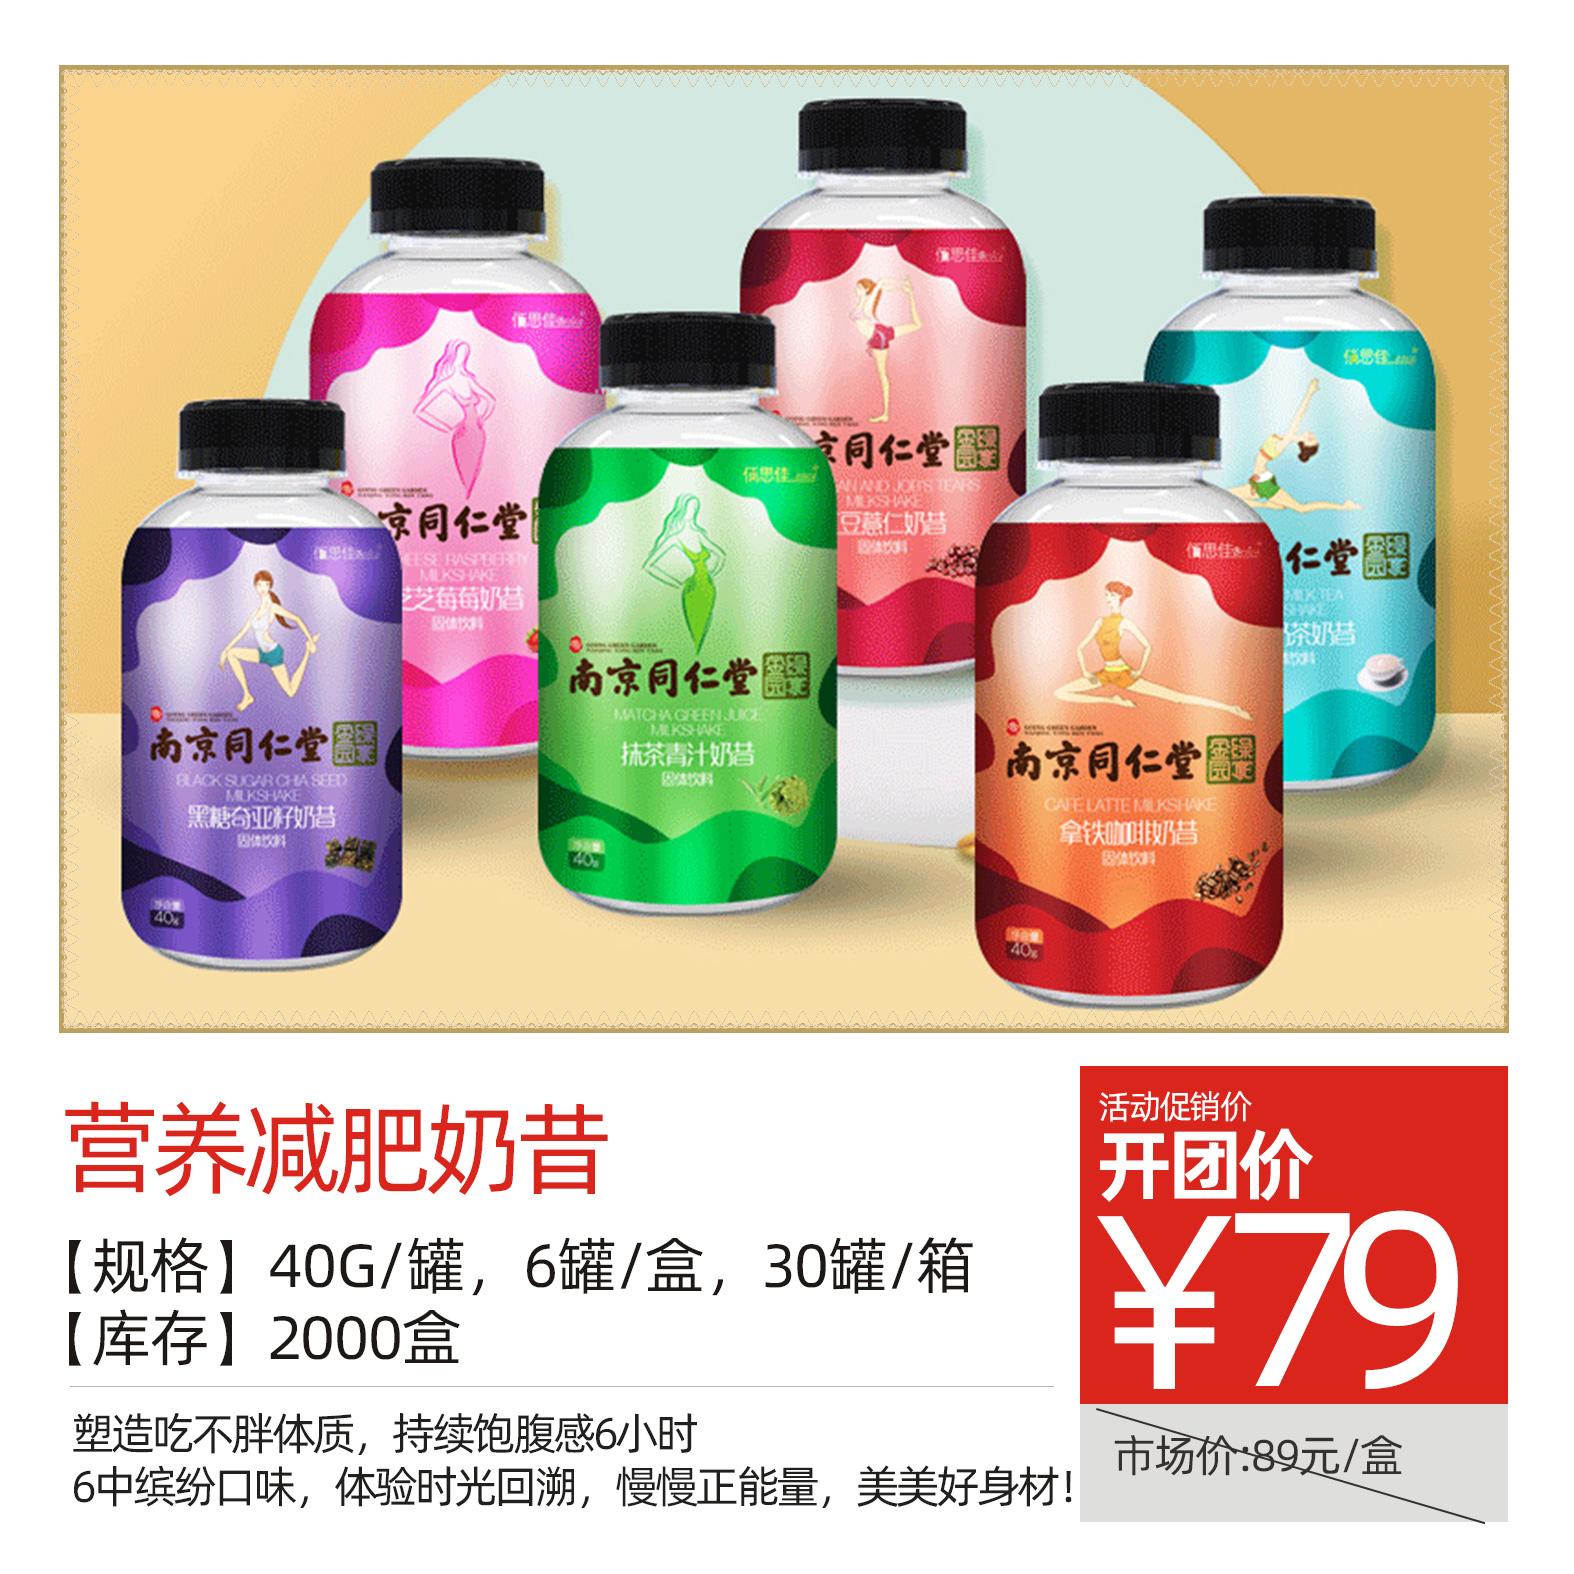 南京同仁堂 金绿家园营养减肥奶昔一盒